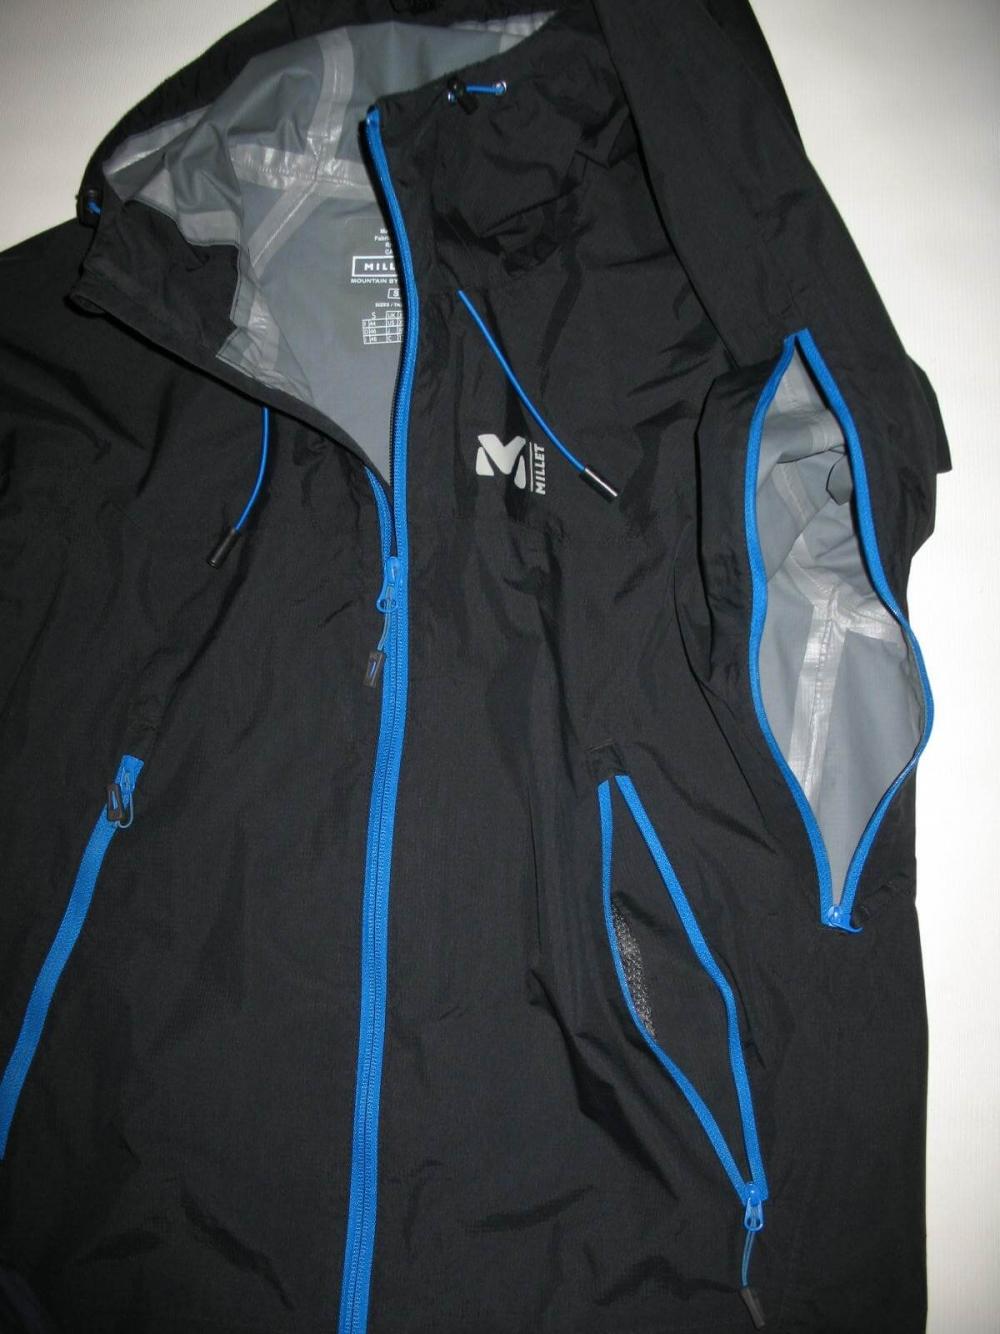 Куртка MILLET Fitz Roy jacket (размер S) - 7